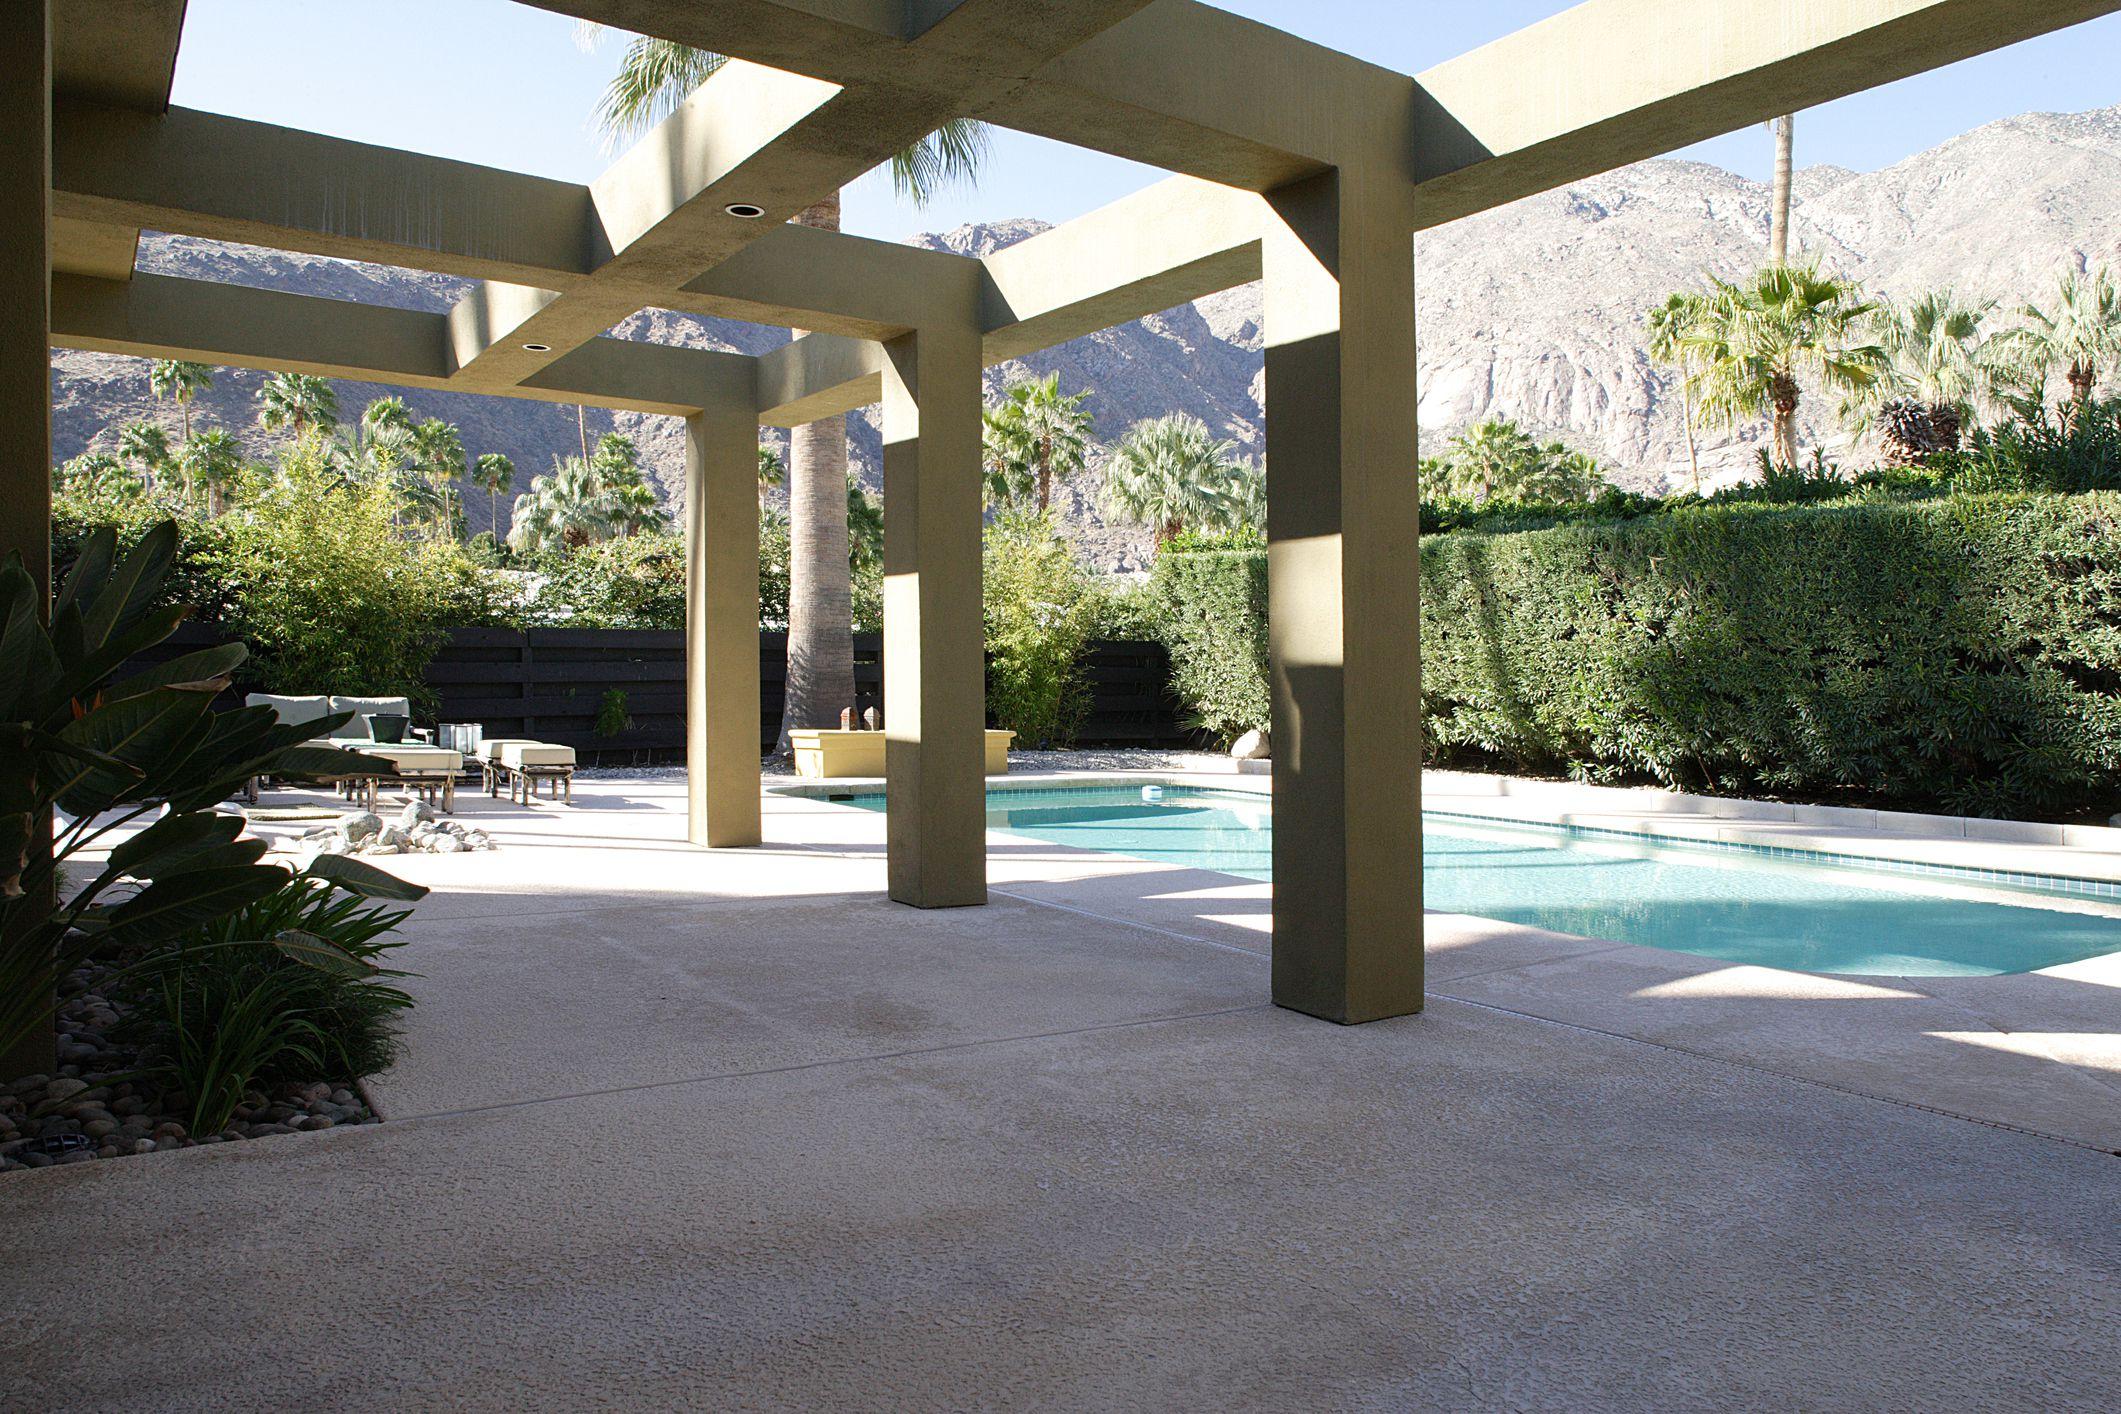 How To Build A Concrete Patio